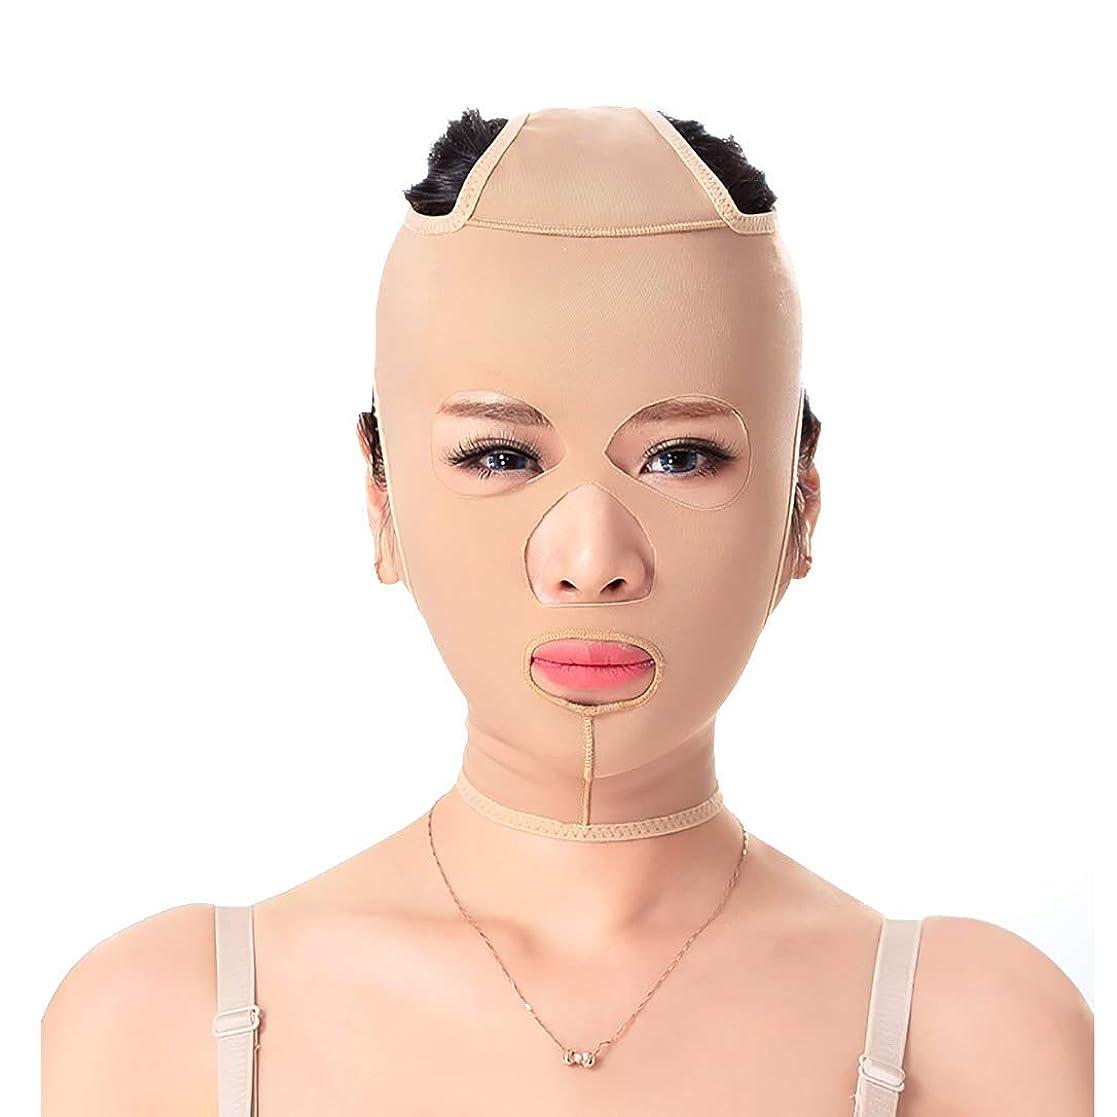 標準お気に入りマキシムスリミングベルト、二重あごの引き締め顔面プラスチック顔アーティファクト強力な顔の包帯を脇に持ち上げるパターンを欺くためのフェイシャルマスク薄いフェイスマスク(サイズ:XXL),XXL